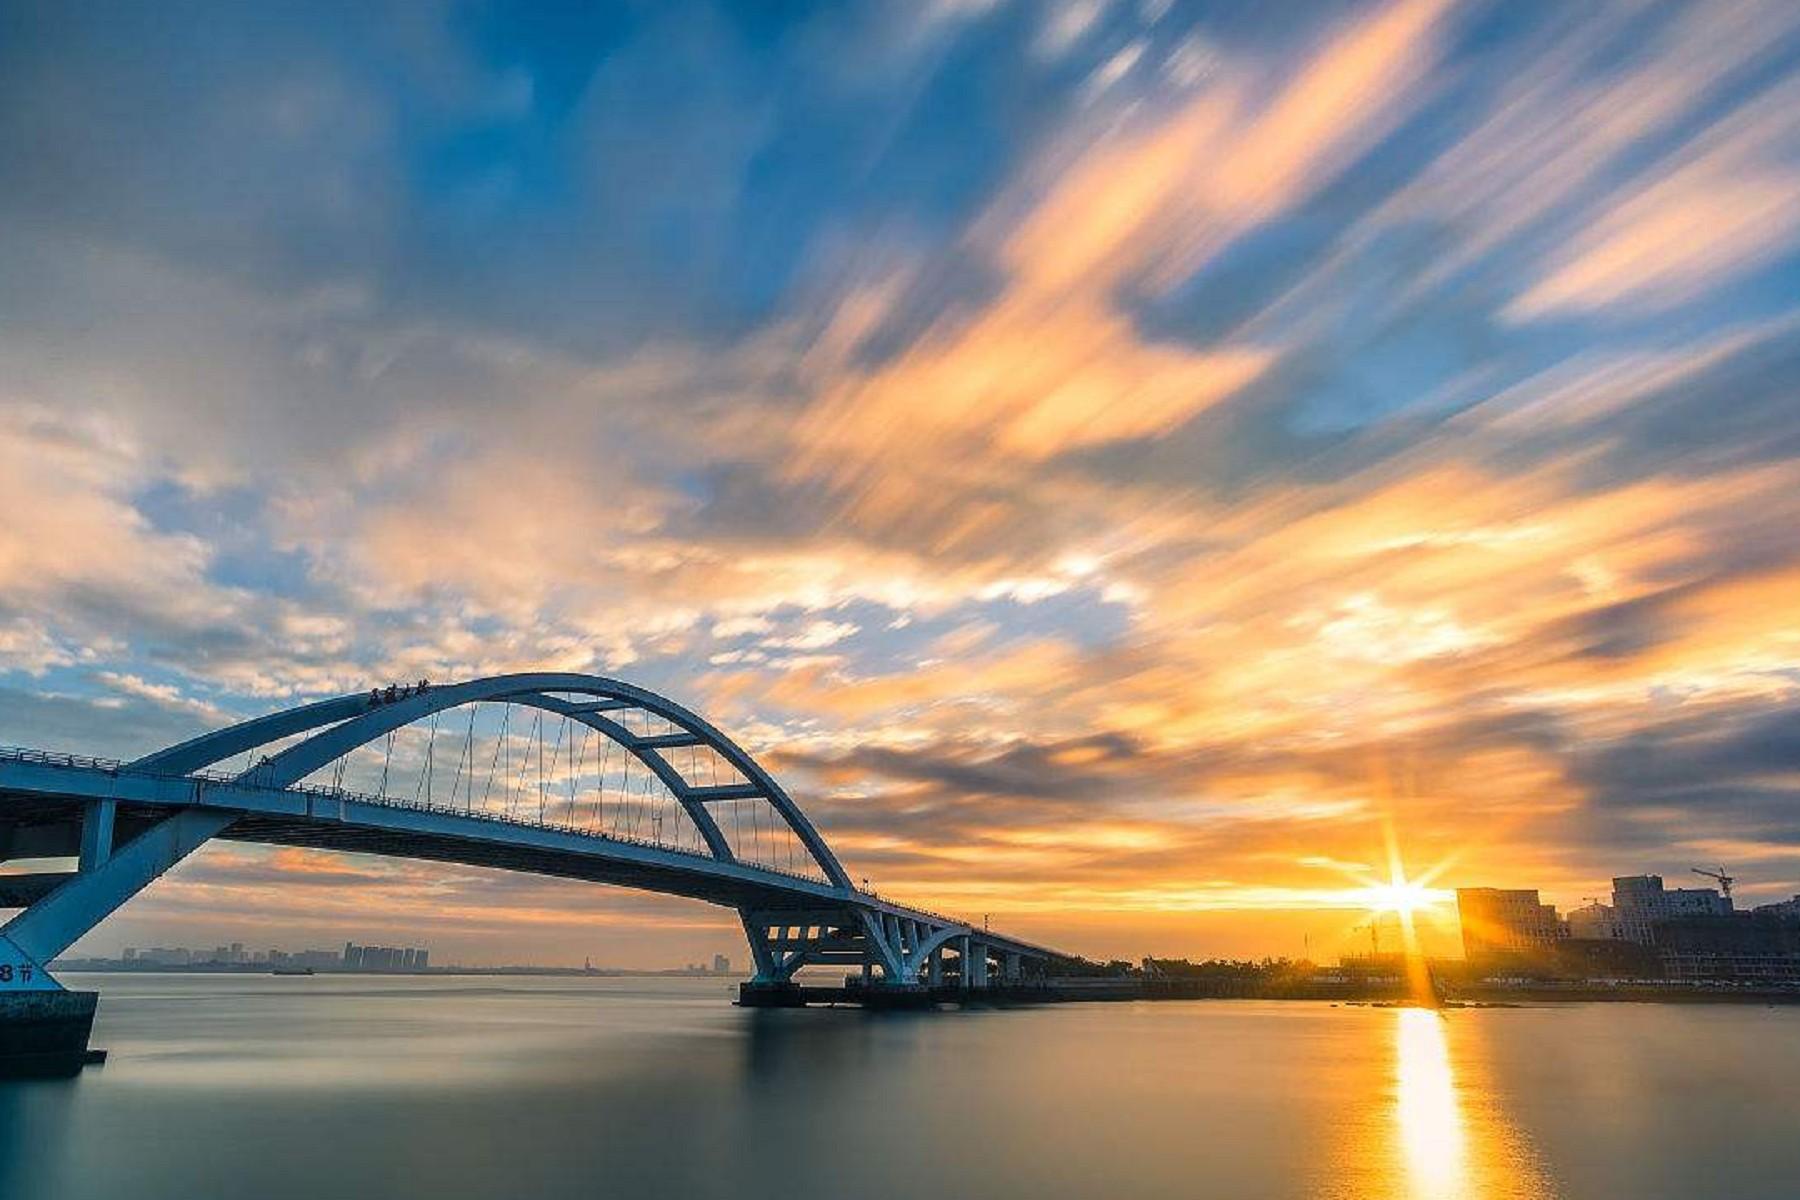 五缘湾游艇港-五缘湾大桥